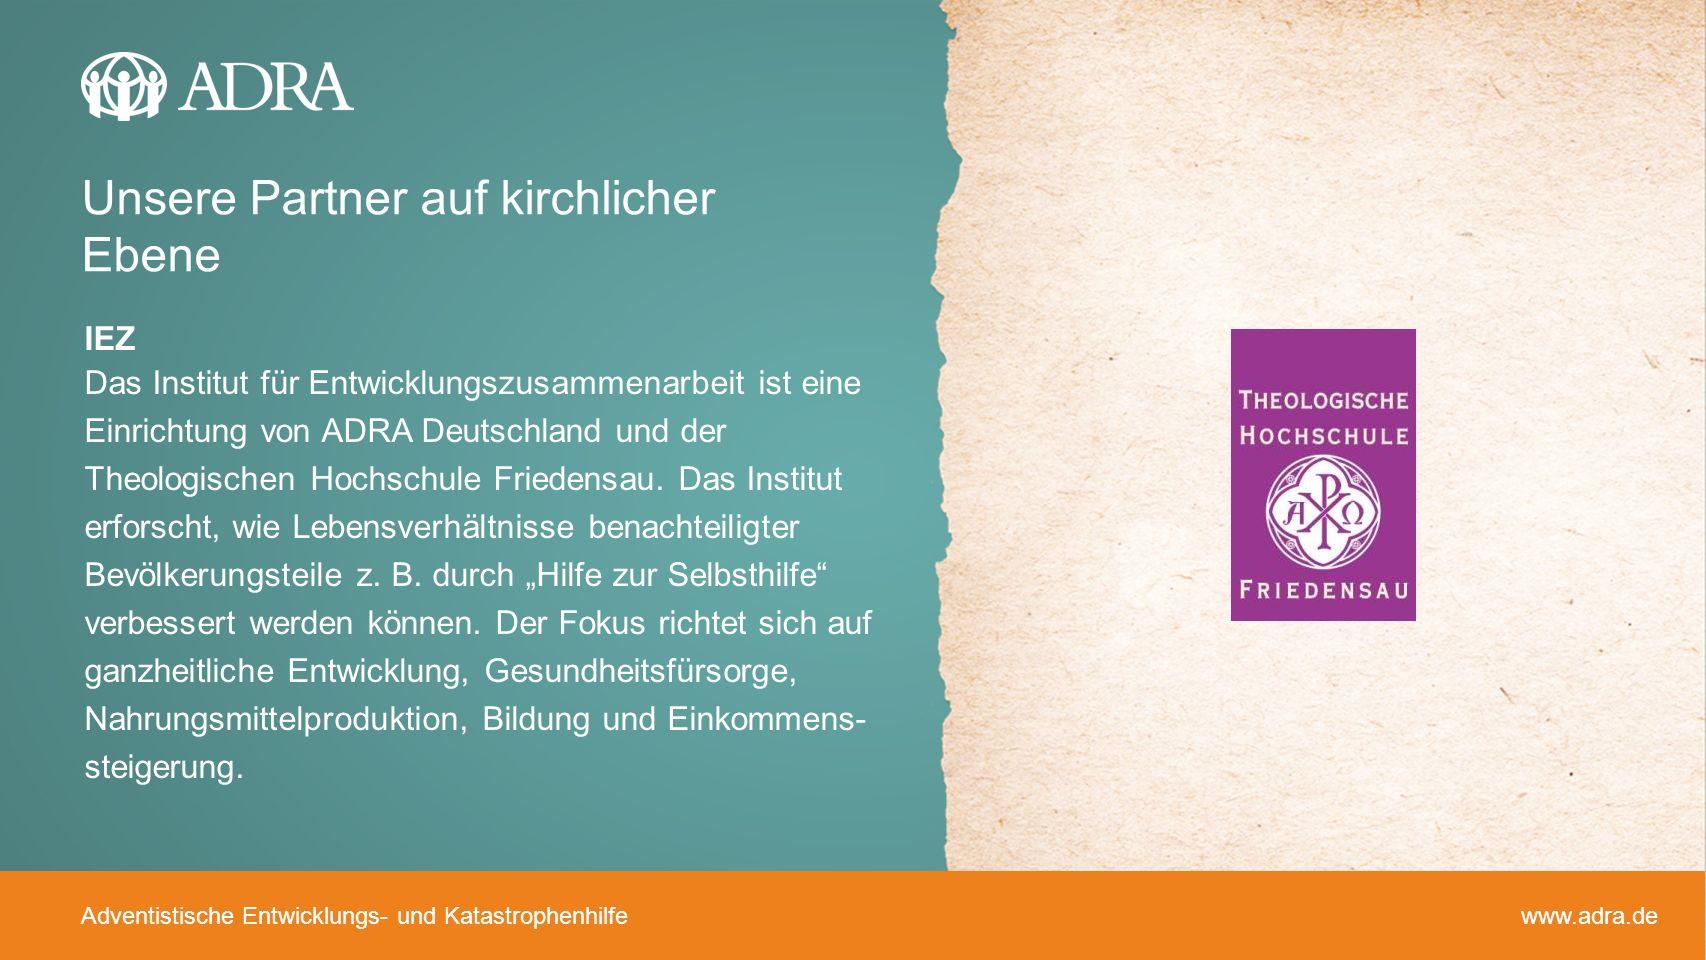 Adventistische Entwicklungs- und Katastrophenhilfe www.adra.de IEZ Das Institut für Entwicklungszusammenarbeit ist eine Einrichtung von ADRA Deutschla